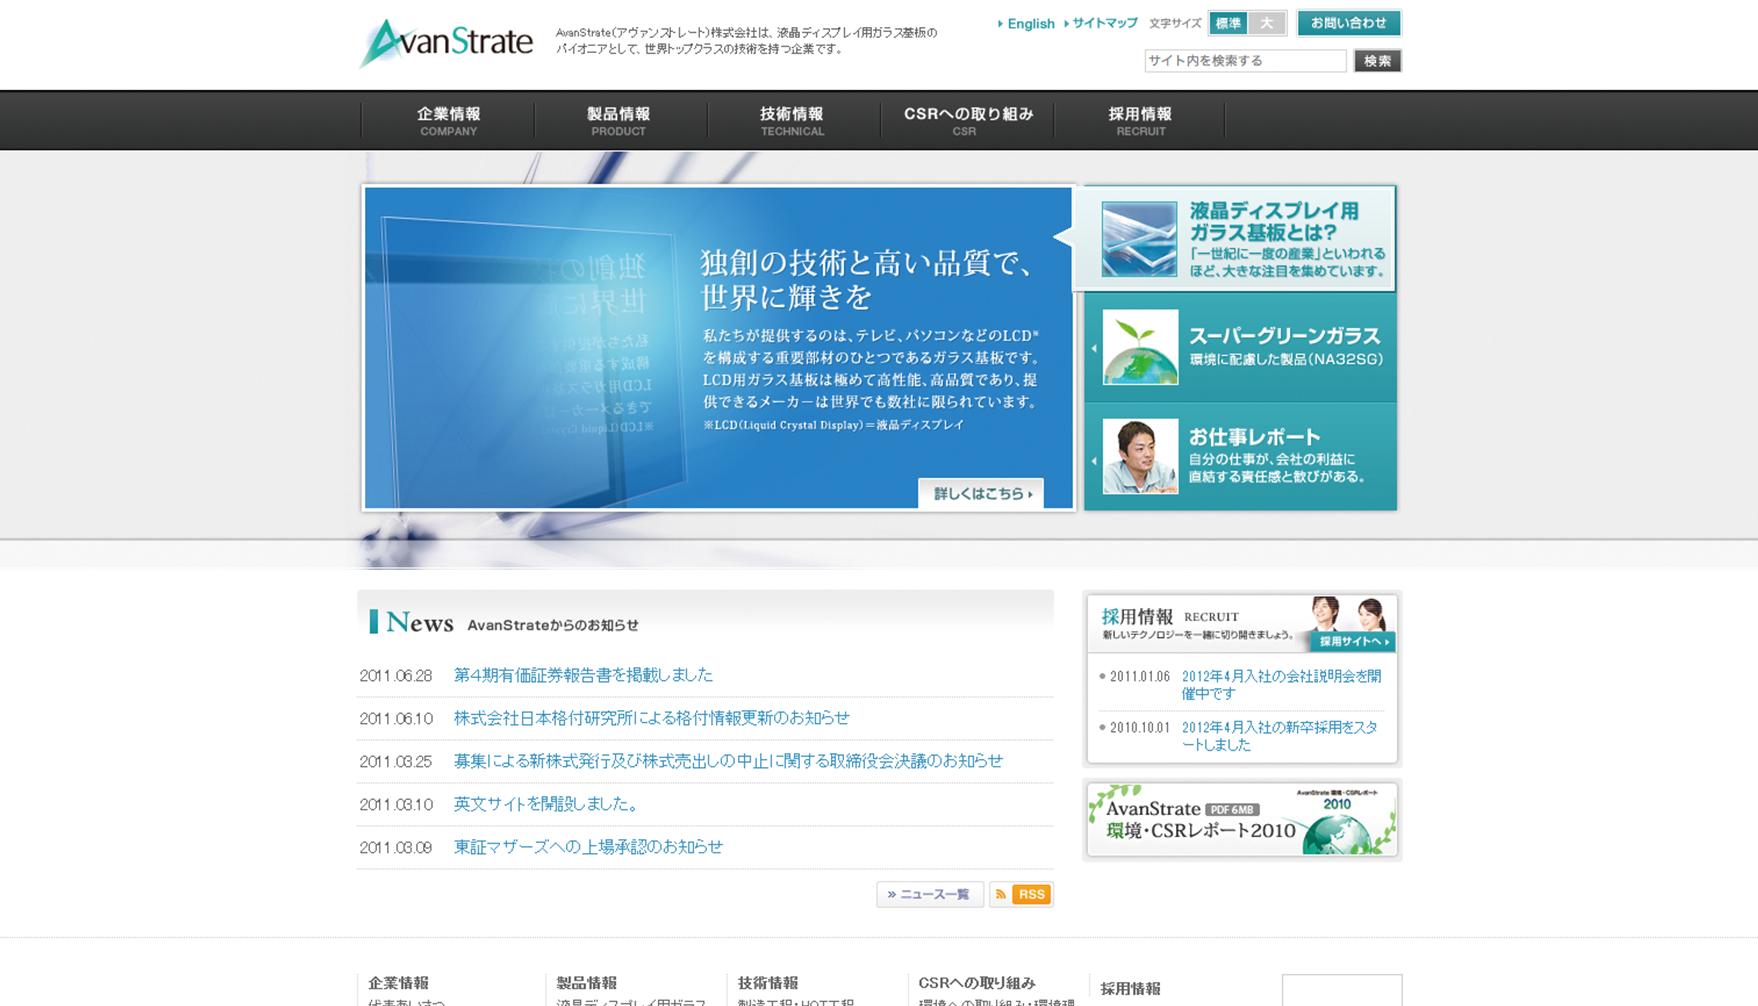 AvanStrate(アヴァンストレート)株式会社 コーポレートサイト プレビュー